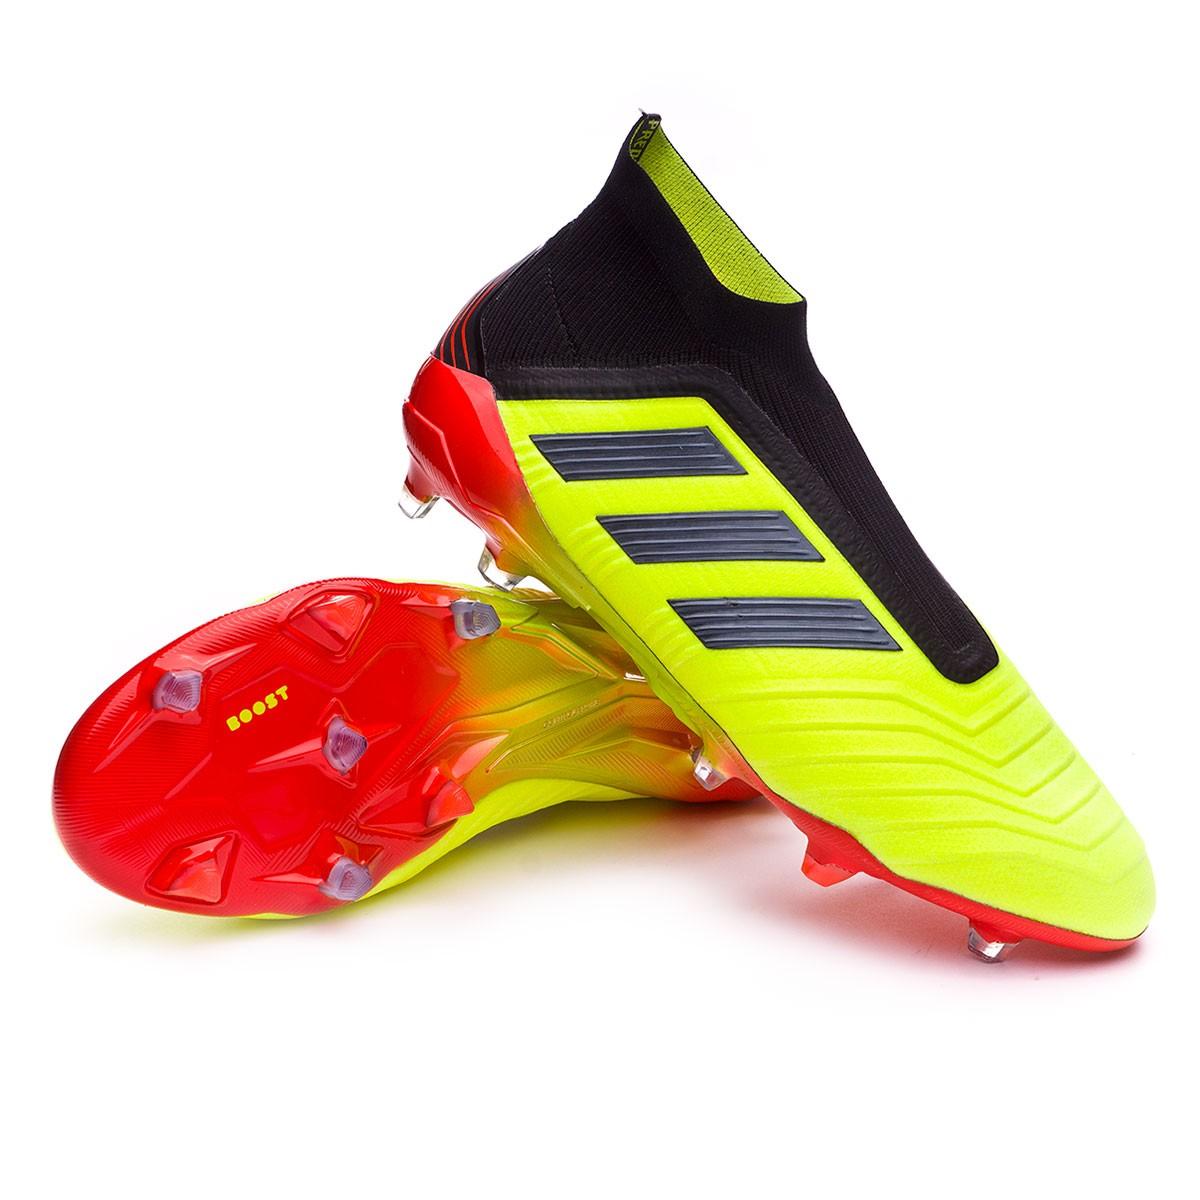 ddc14bed25f Football Boots adidas Predator 18+ FG Solar yellow-Black-Solar red ...